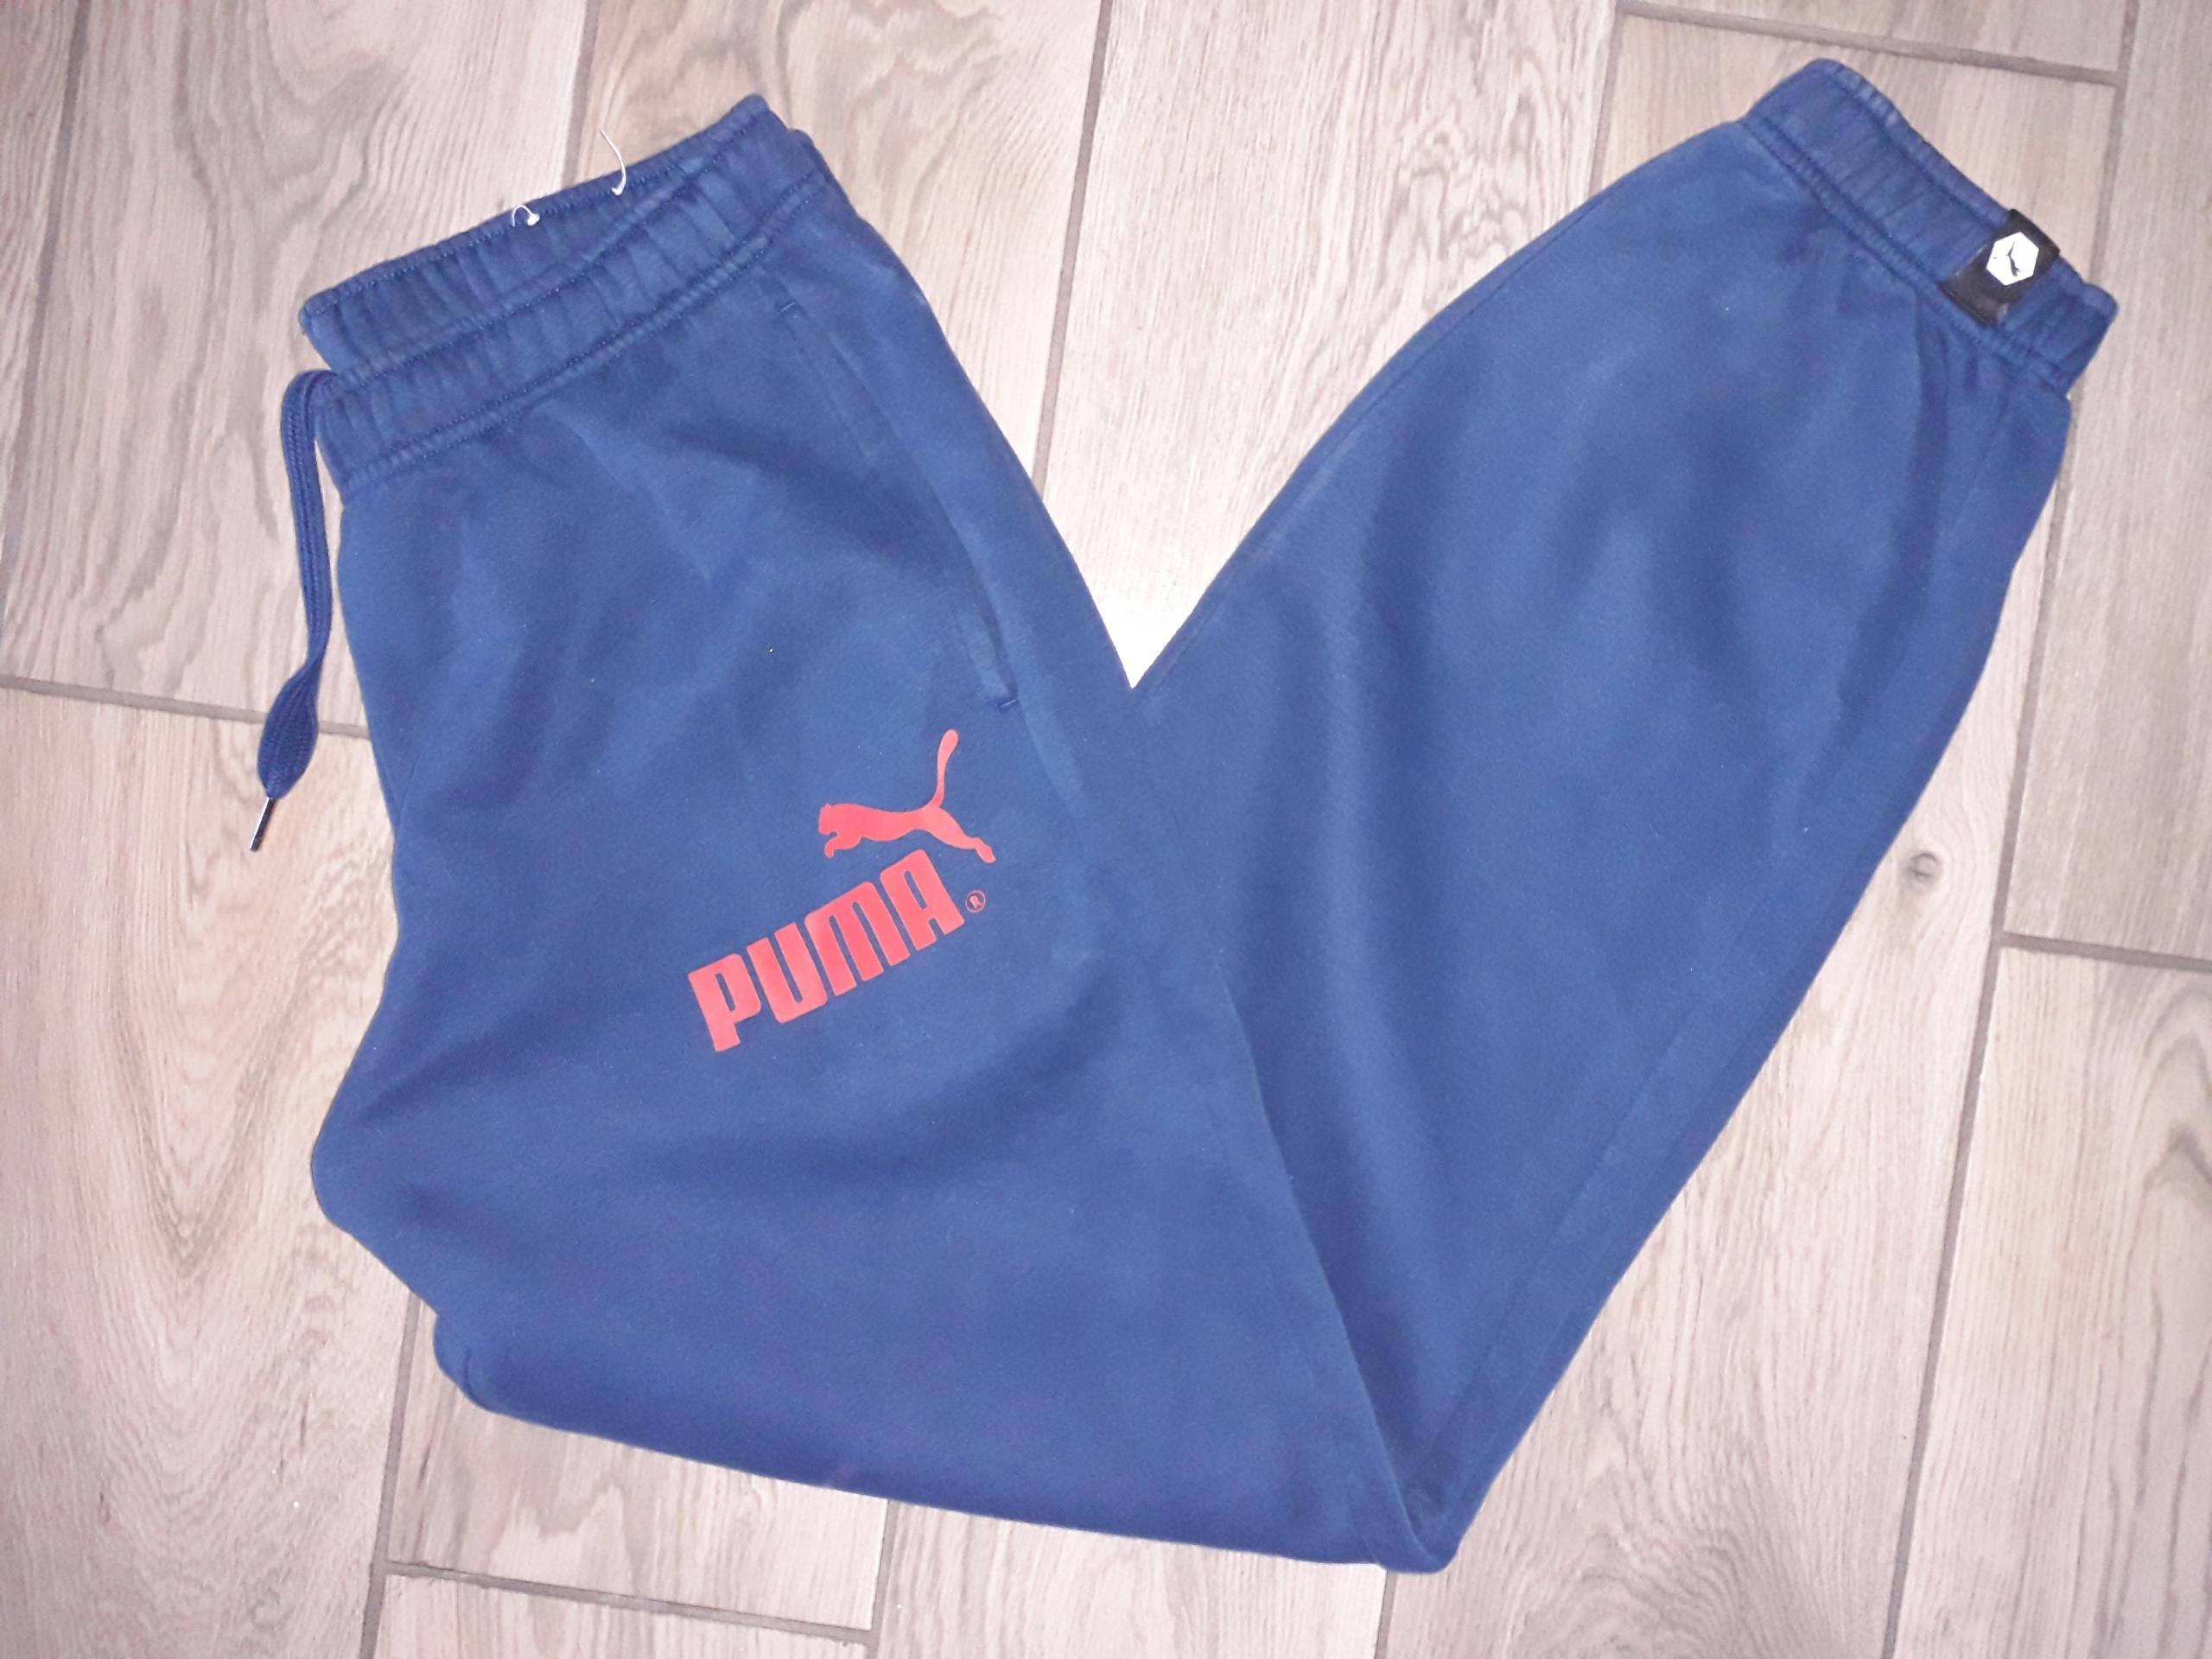 PUMA męskie spodnie dresowe dresy r. M